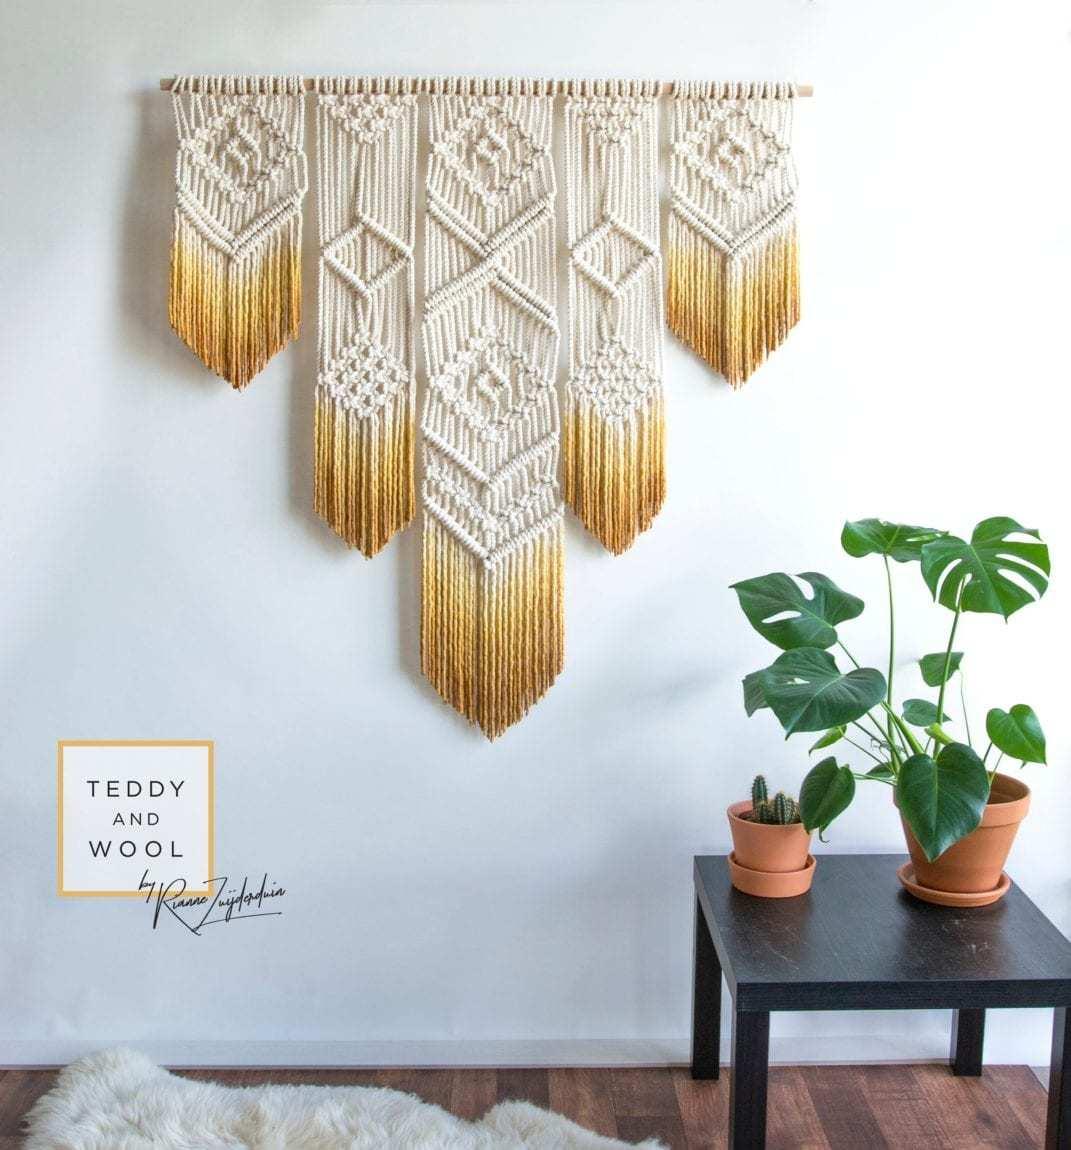 Macrame编织入门 - 基础结绳方法:平结与斜卷结